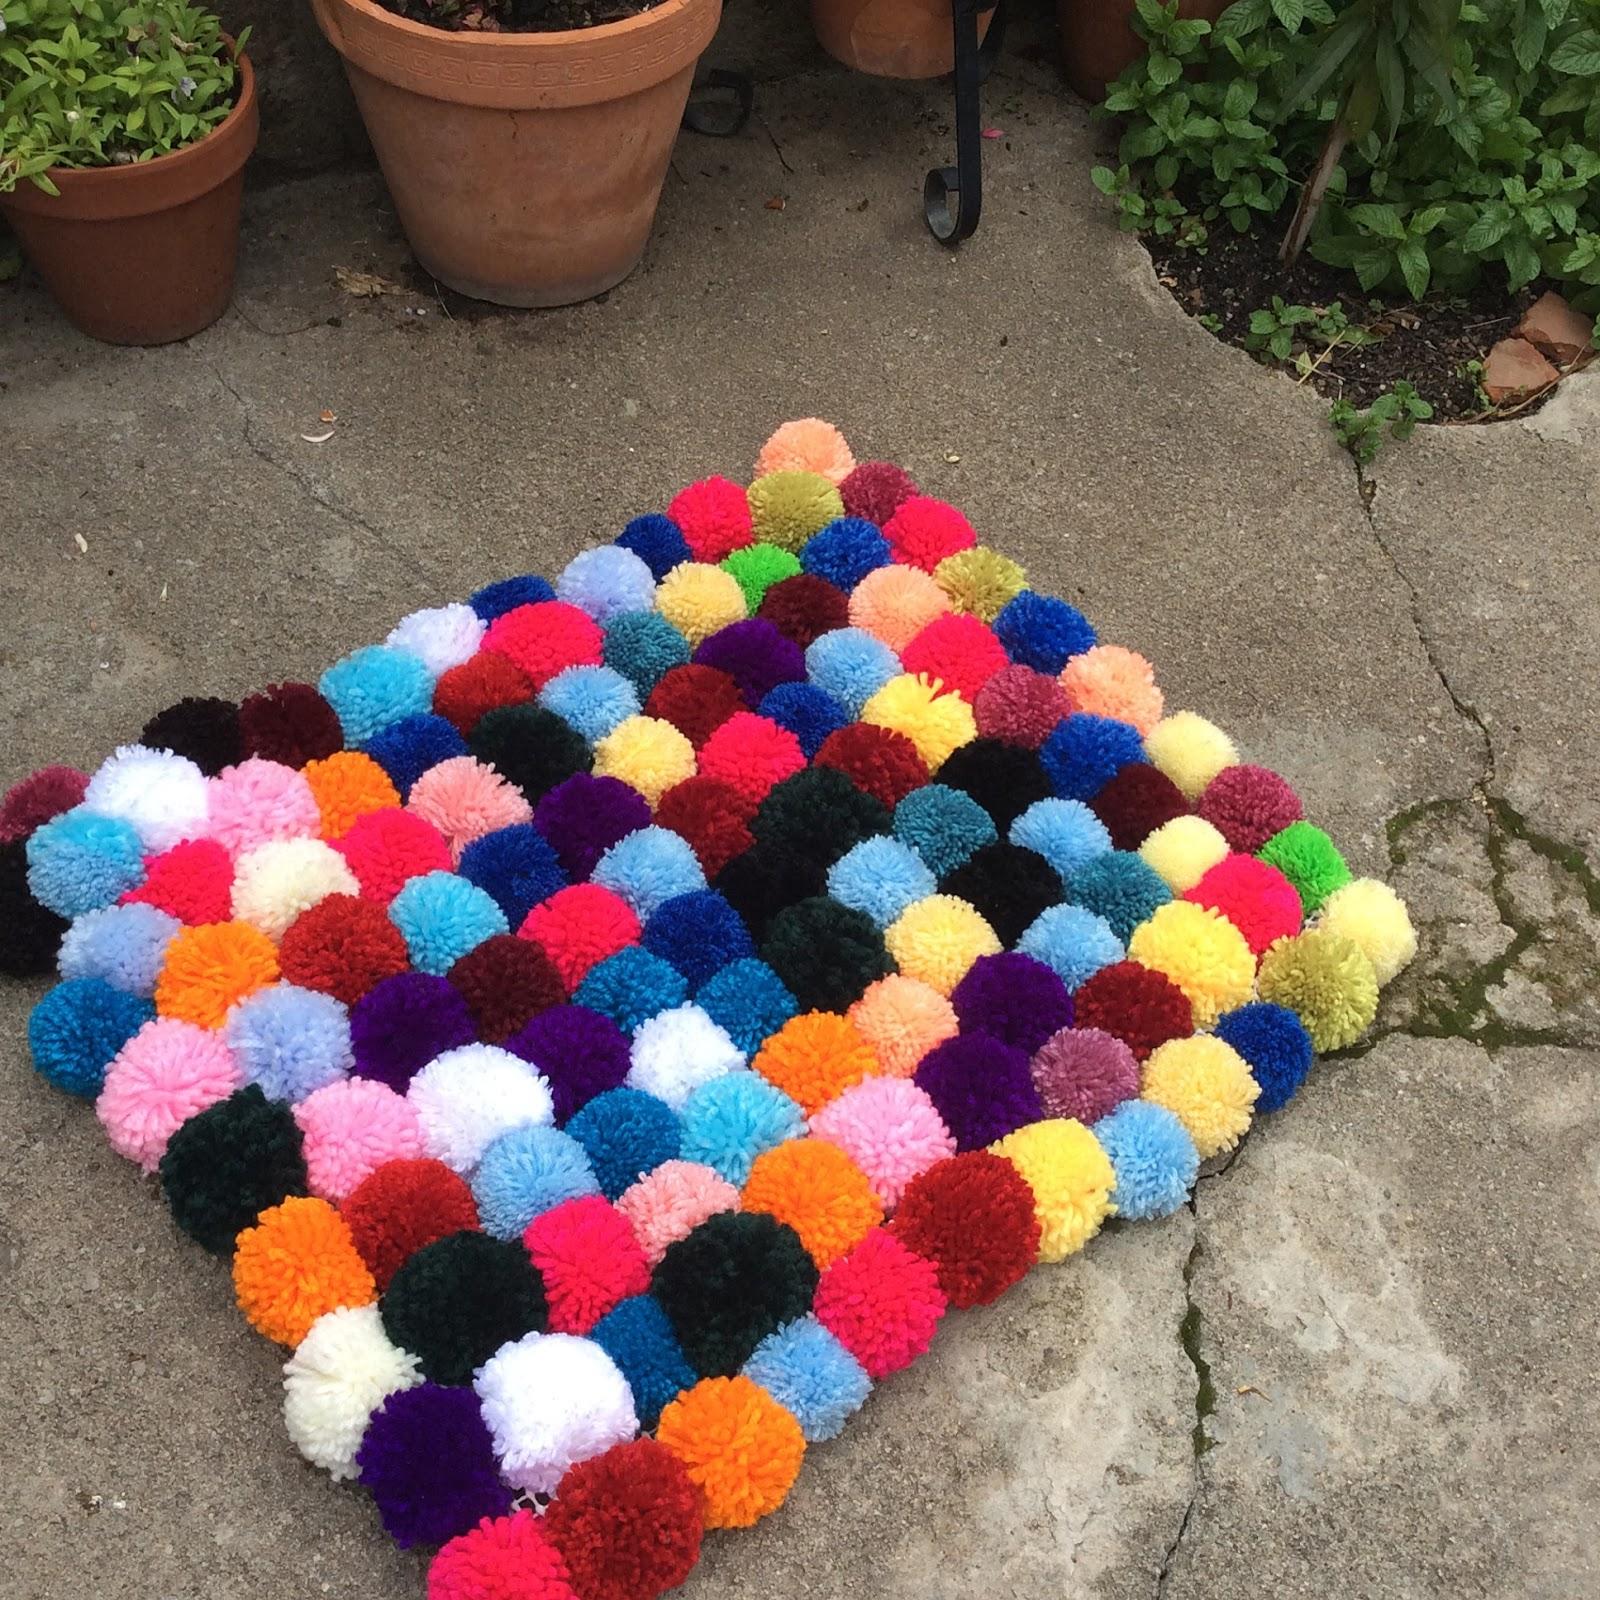 Manualizando alfombra de pompones - Alfombras hechas a mano con lana ...